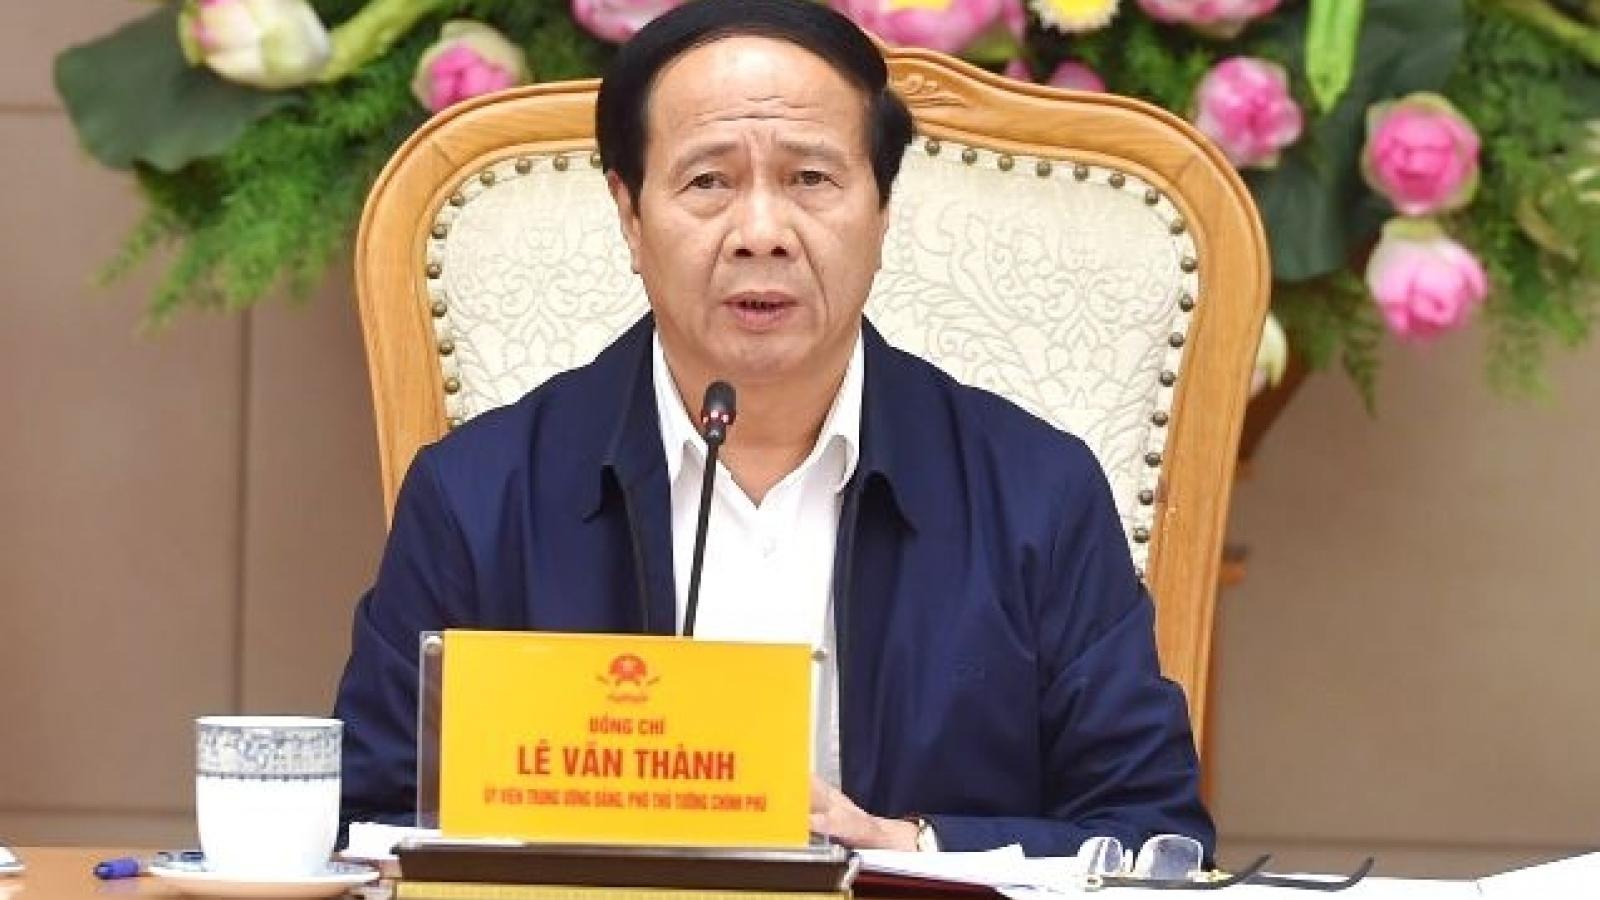 """Phó Thủ tướng chỉ đạo nhiều giải pháp """"cứu"""" người chăn nuôi lợn"""